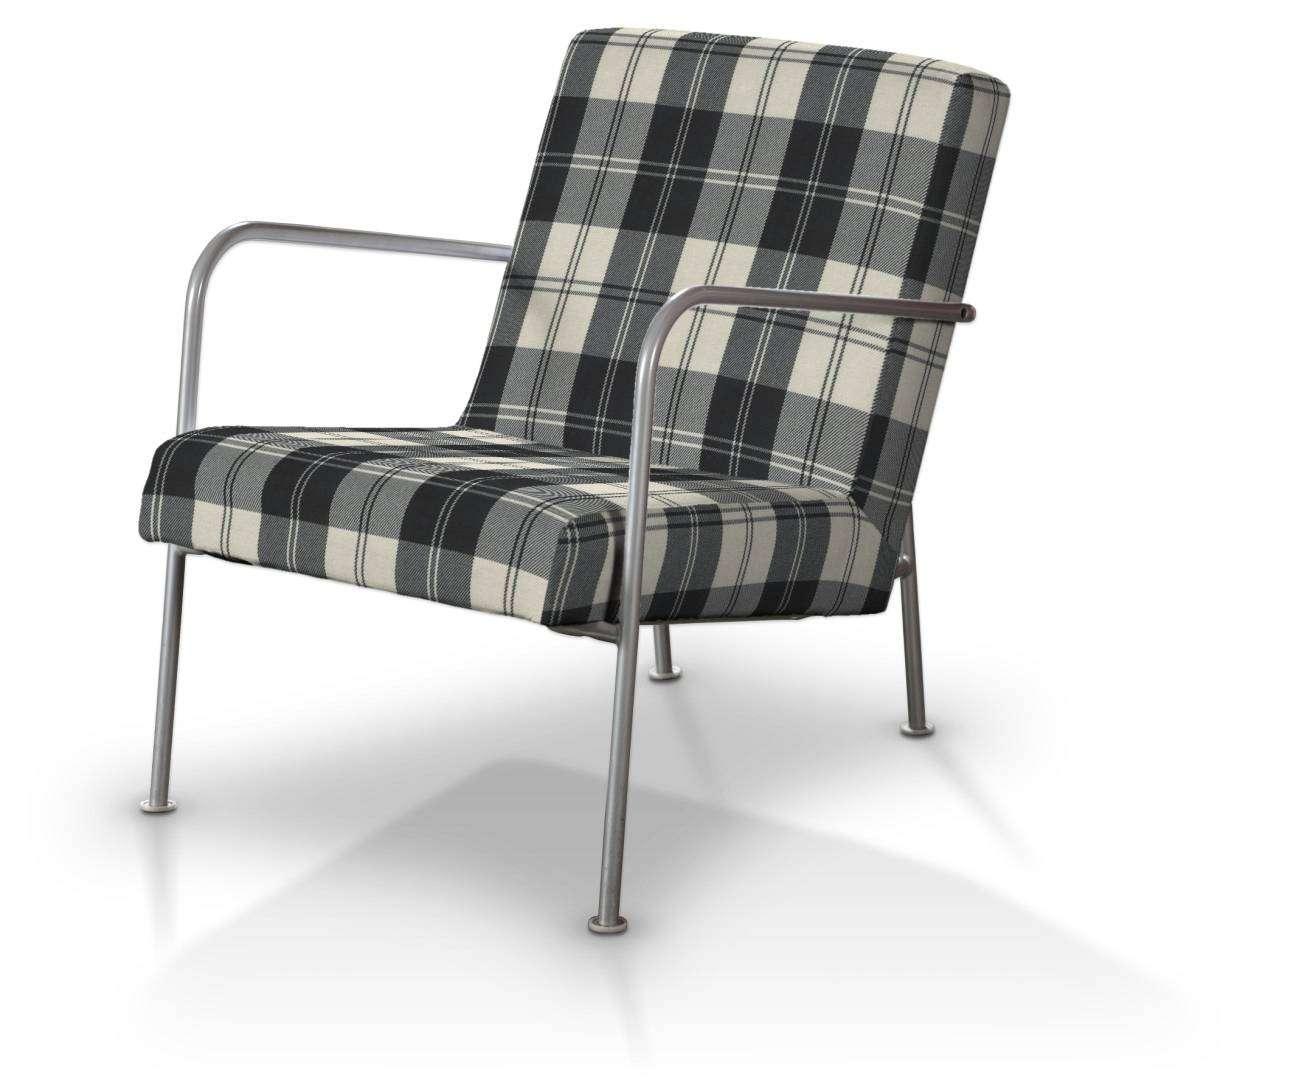 Pokrowiec na fotel Ikea PS w kolekcji Edinburgh, tkanina: 115-74